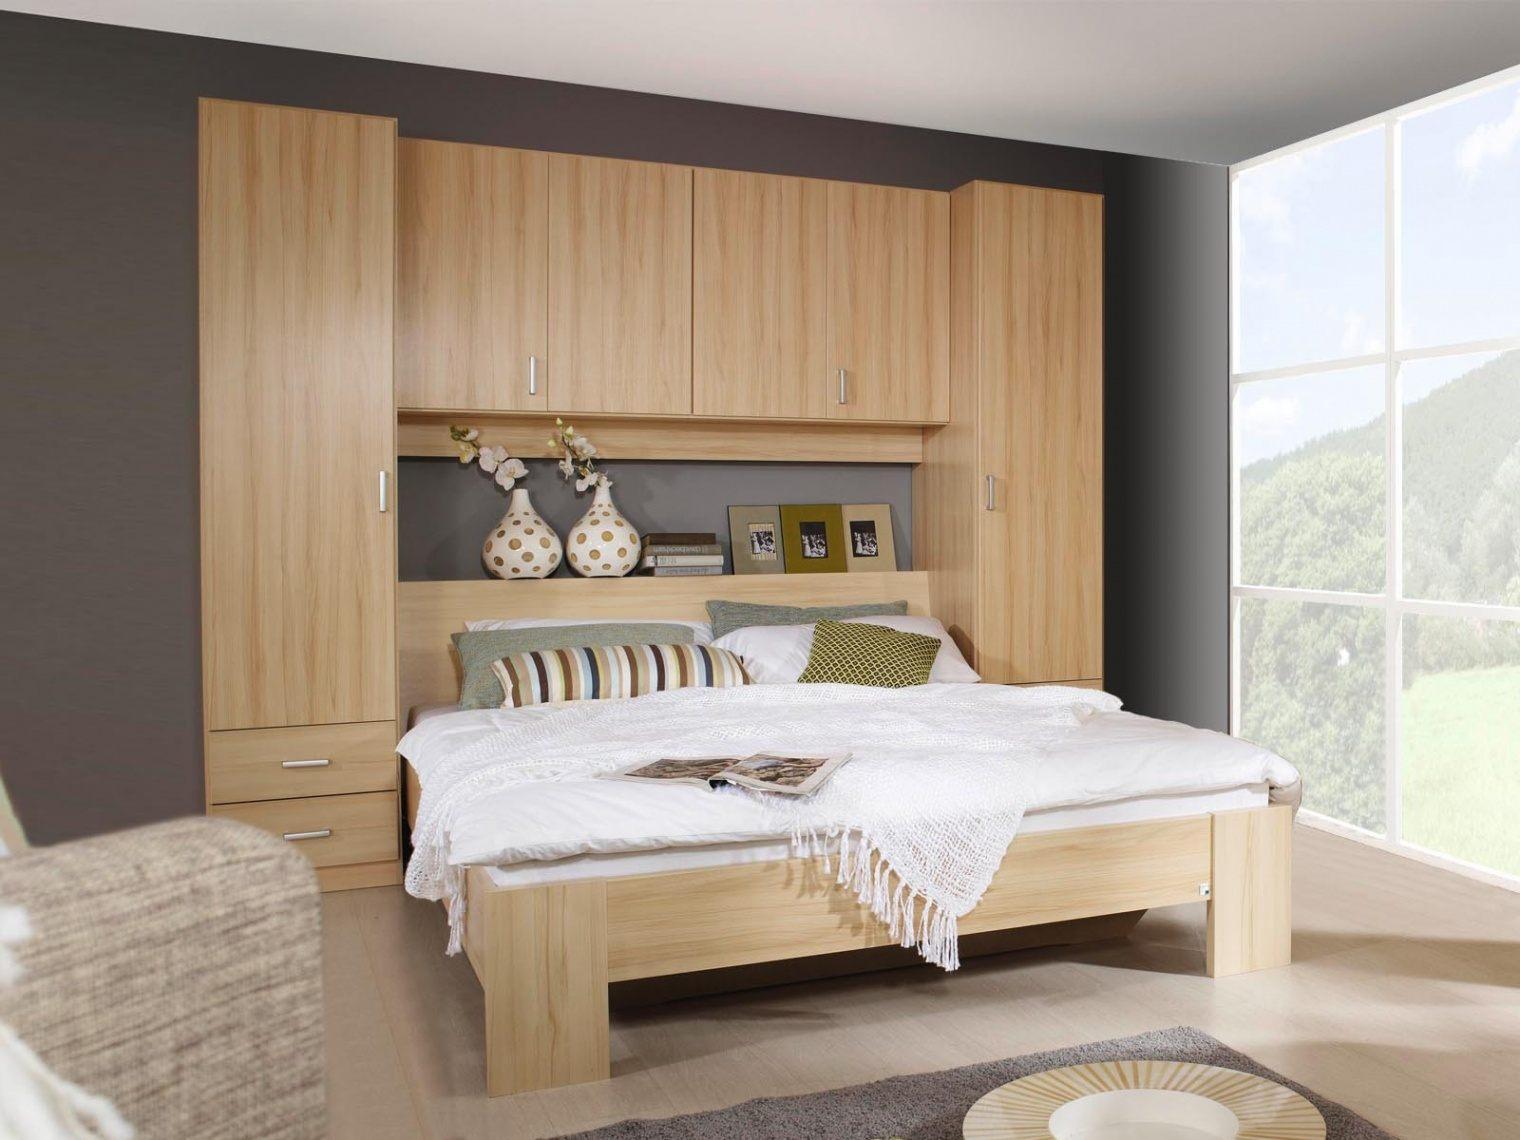 Grand Lit Enfant Génial Chambre Decoration Taupe Et Blanc Beige Bois Diy Tete De Lit Grande